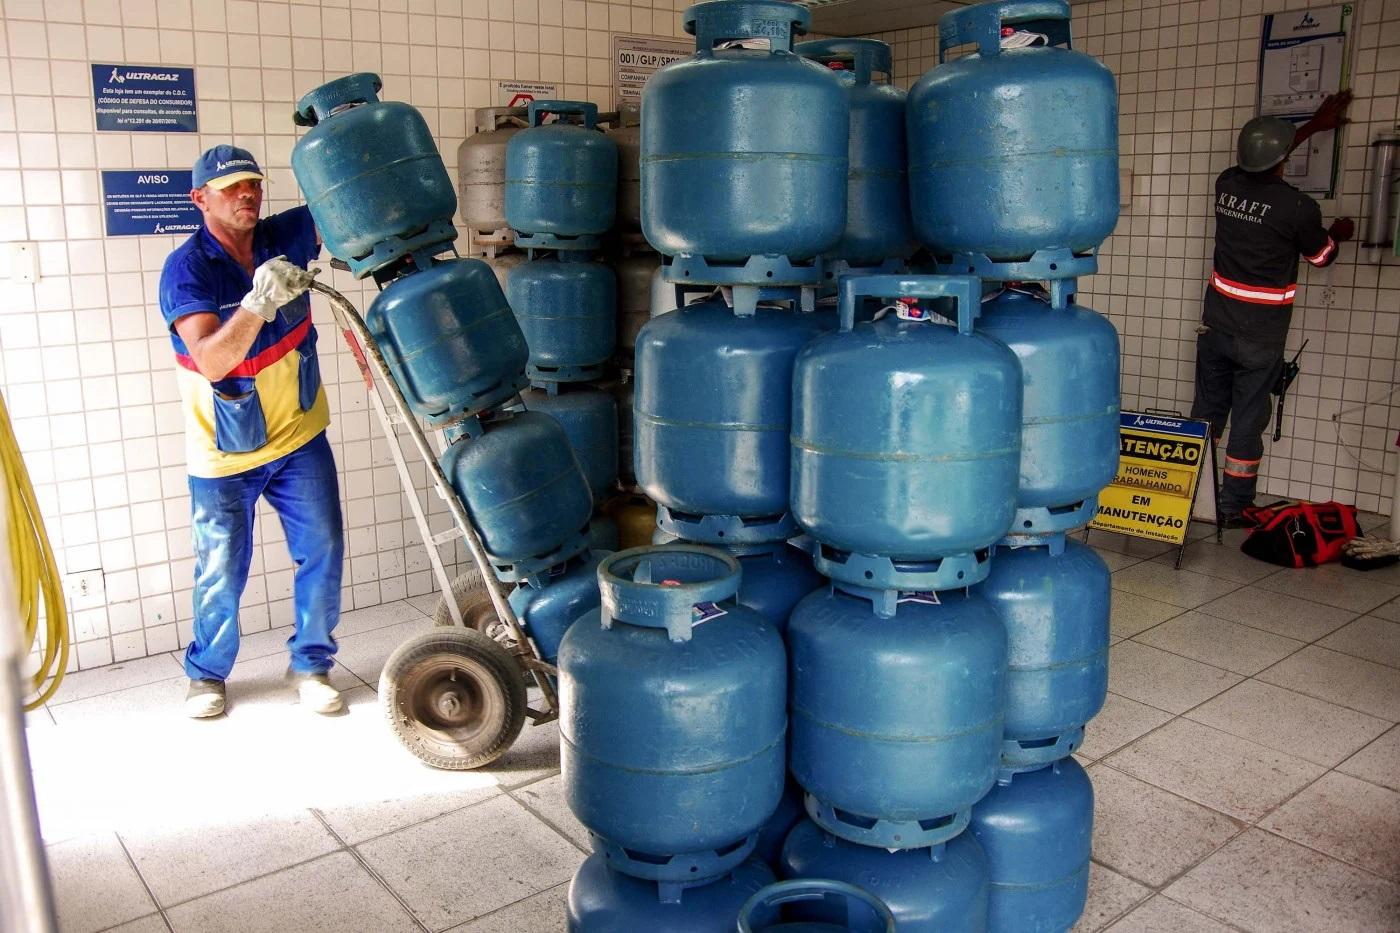 Procon entra em acordo com revendedores para limitar preço do botijão de gás